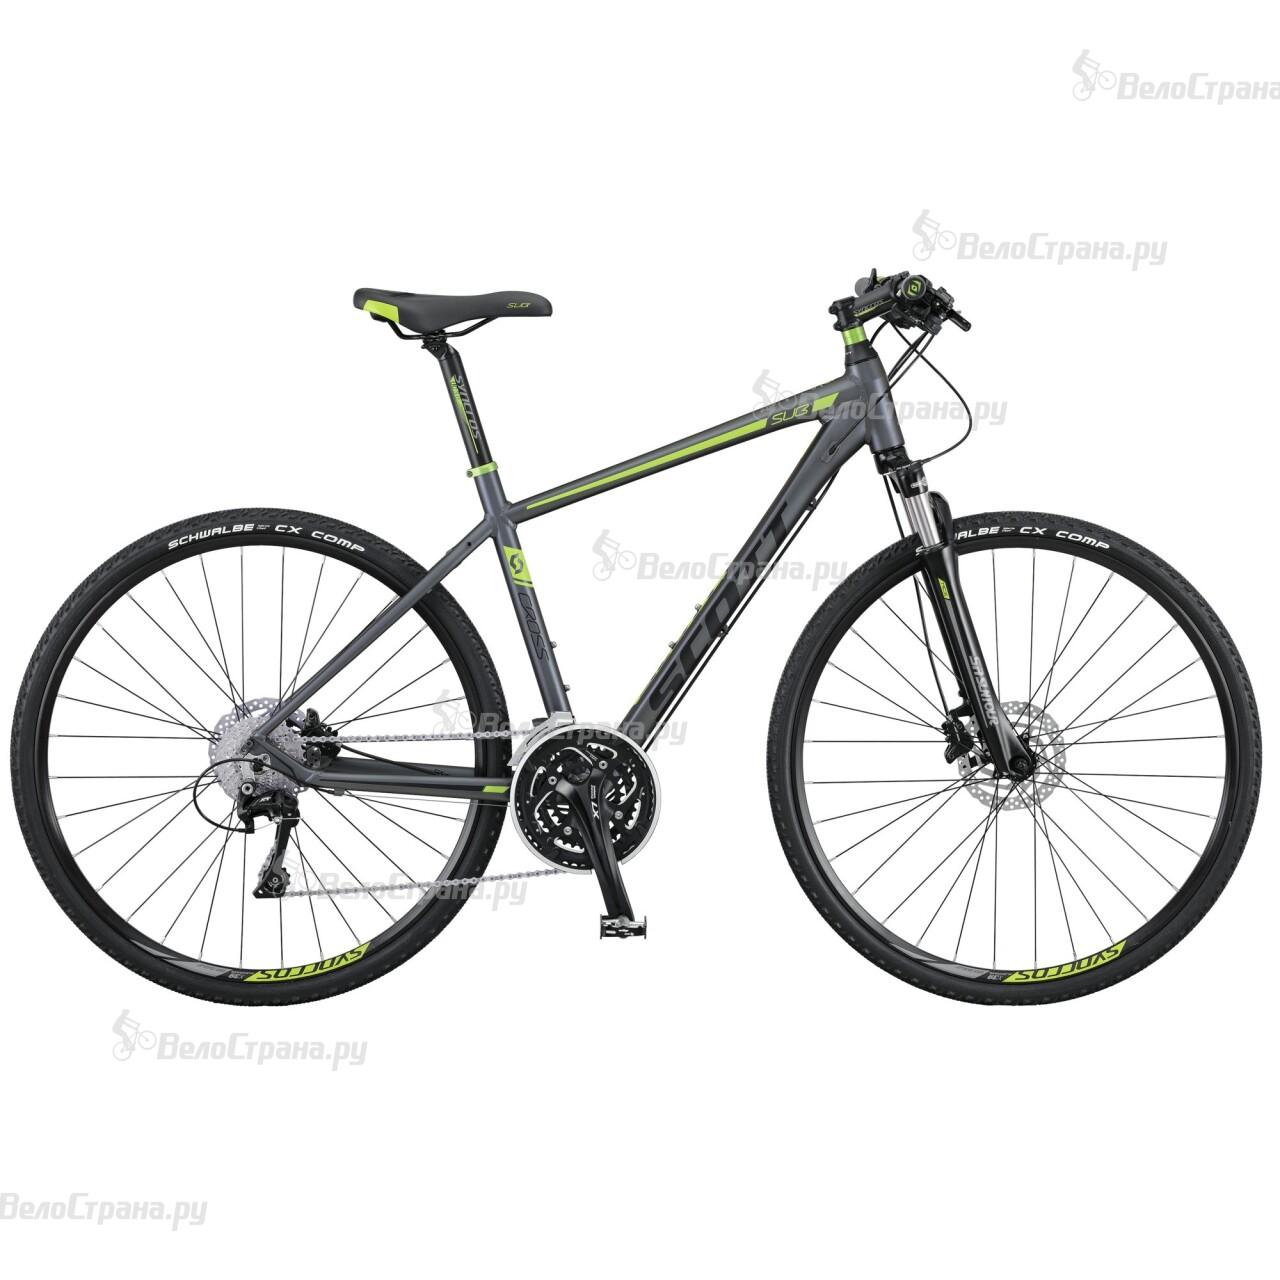 Велосипед Scott Sub Cross 20 (2016) велосипед scott sub cross 30 men 2017